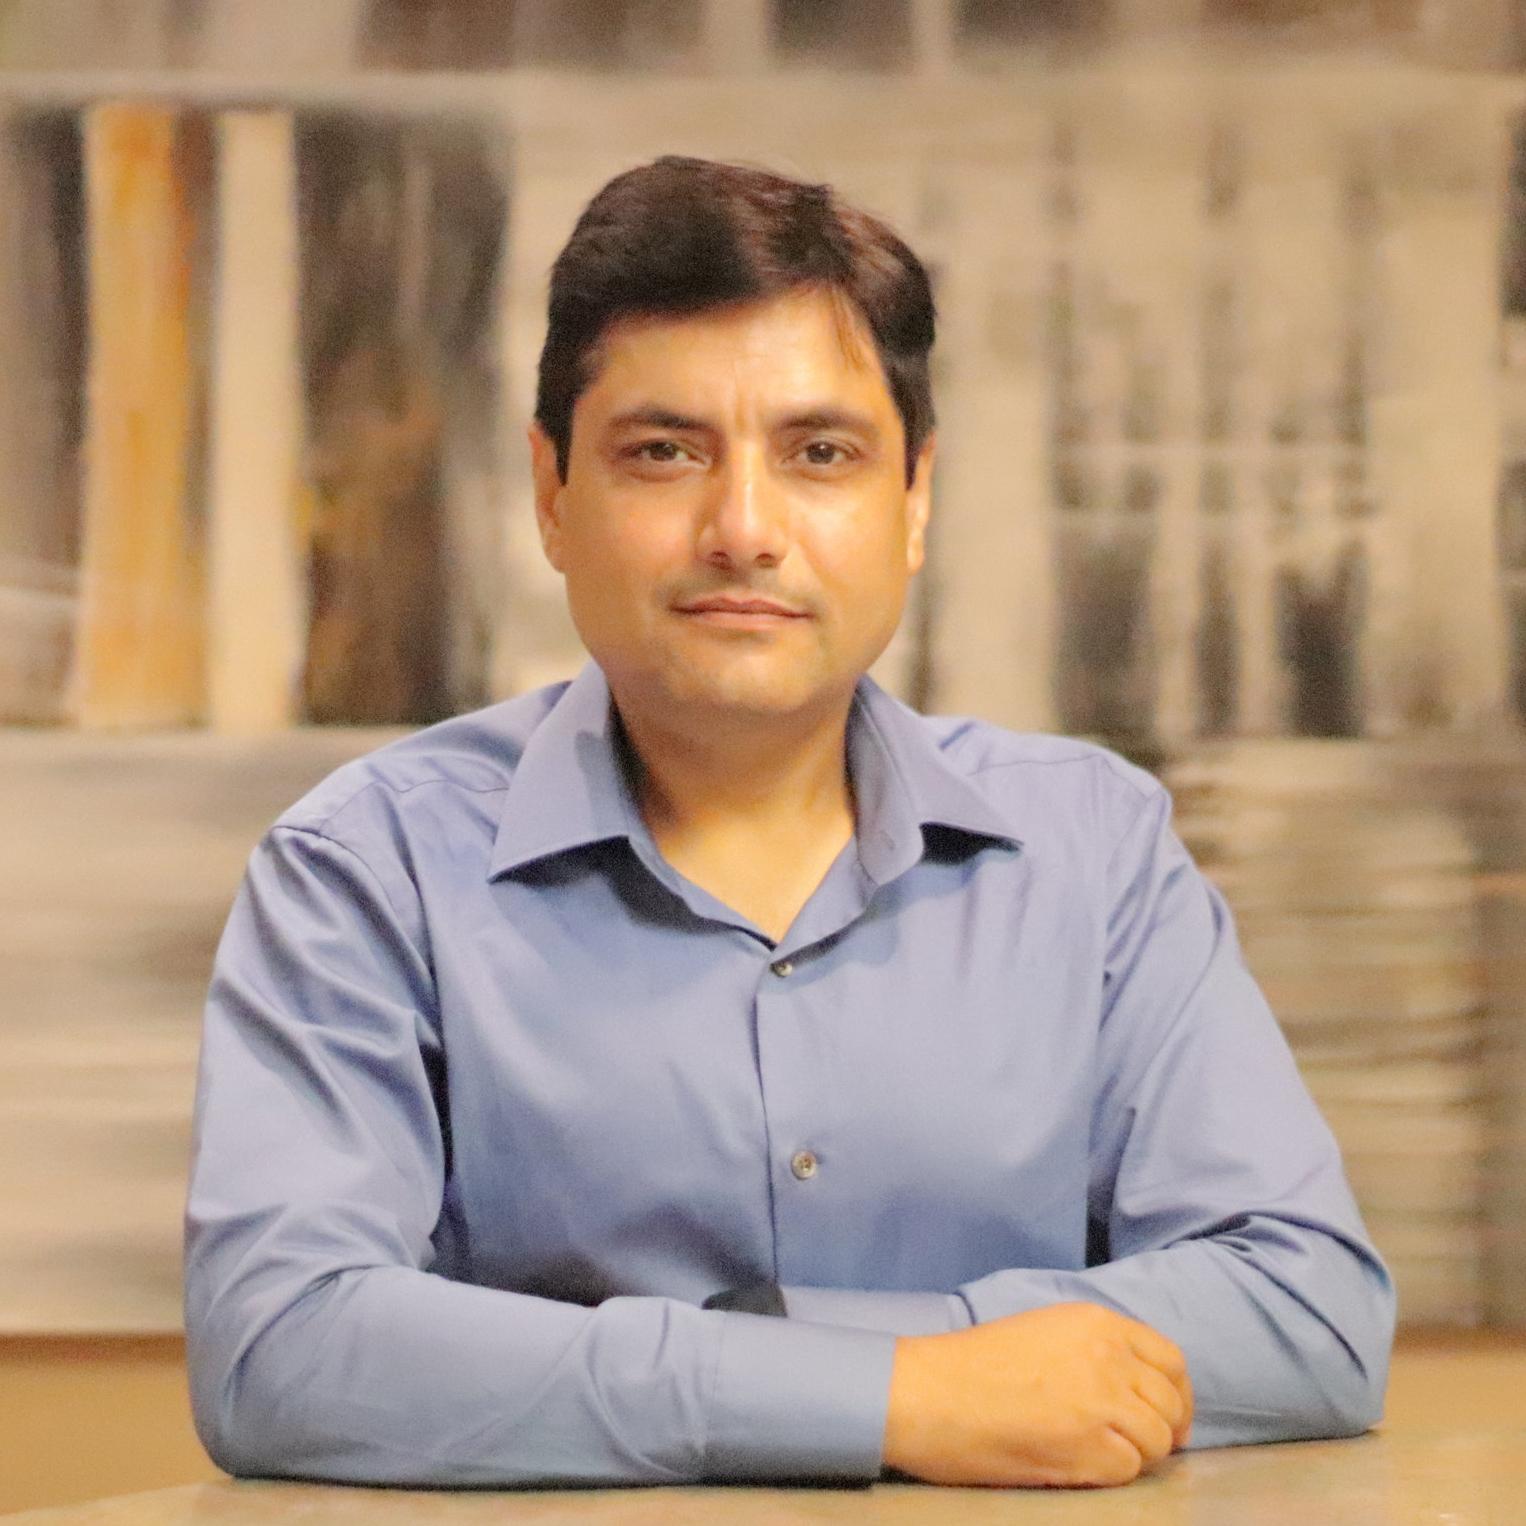 Dr. Akash Datt